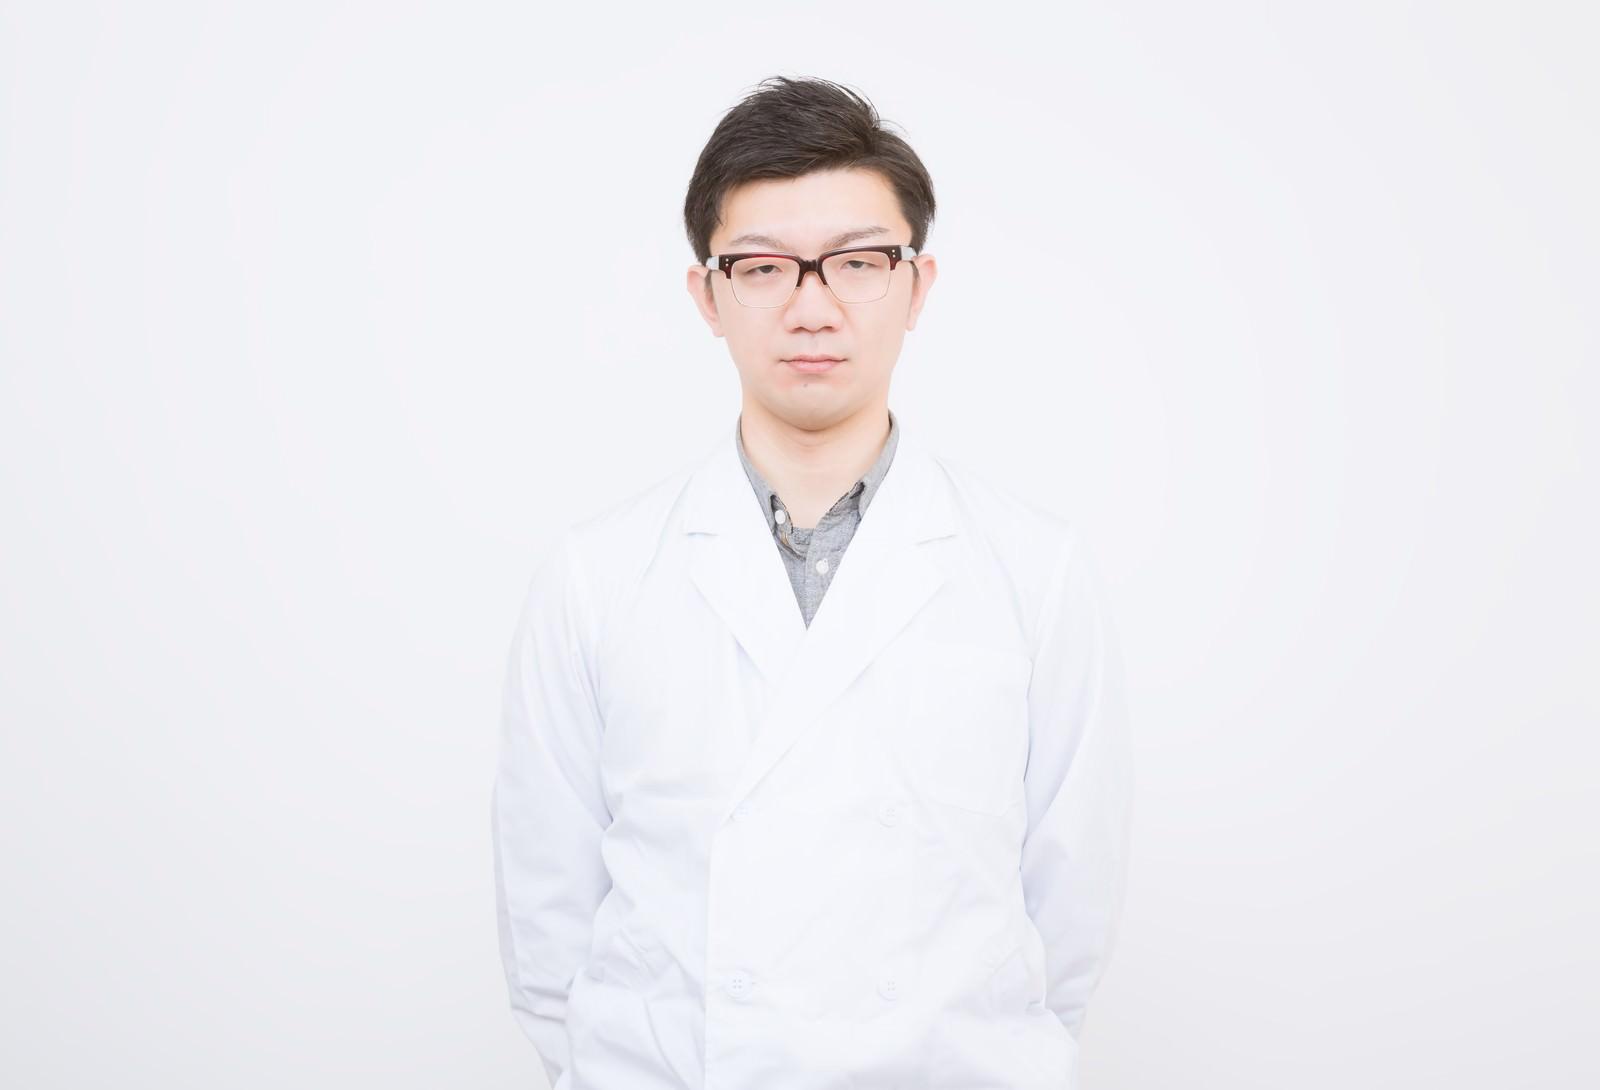 「白衣を来たドクター白衣を来たドクター」[モデル:OZPA]のフリー写真素材を拡大